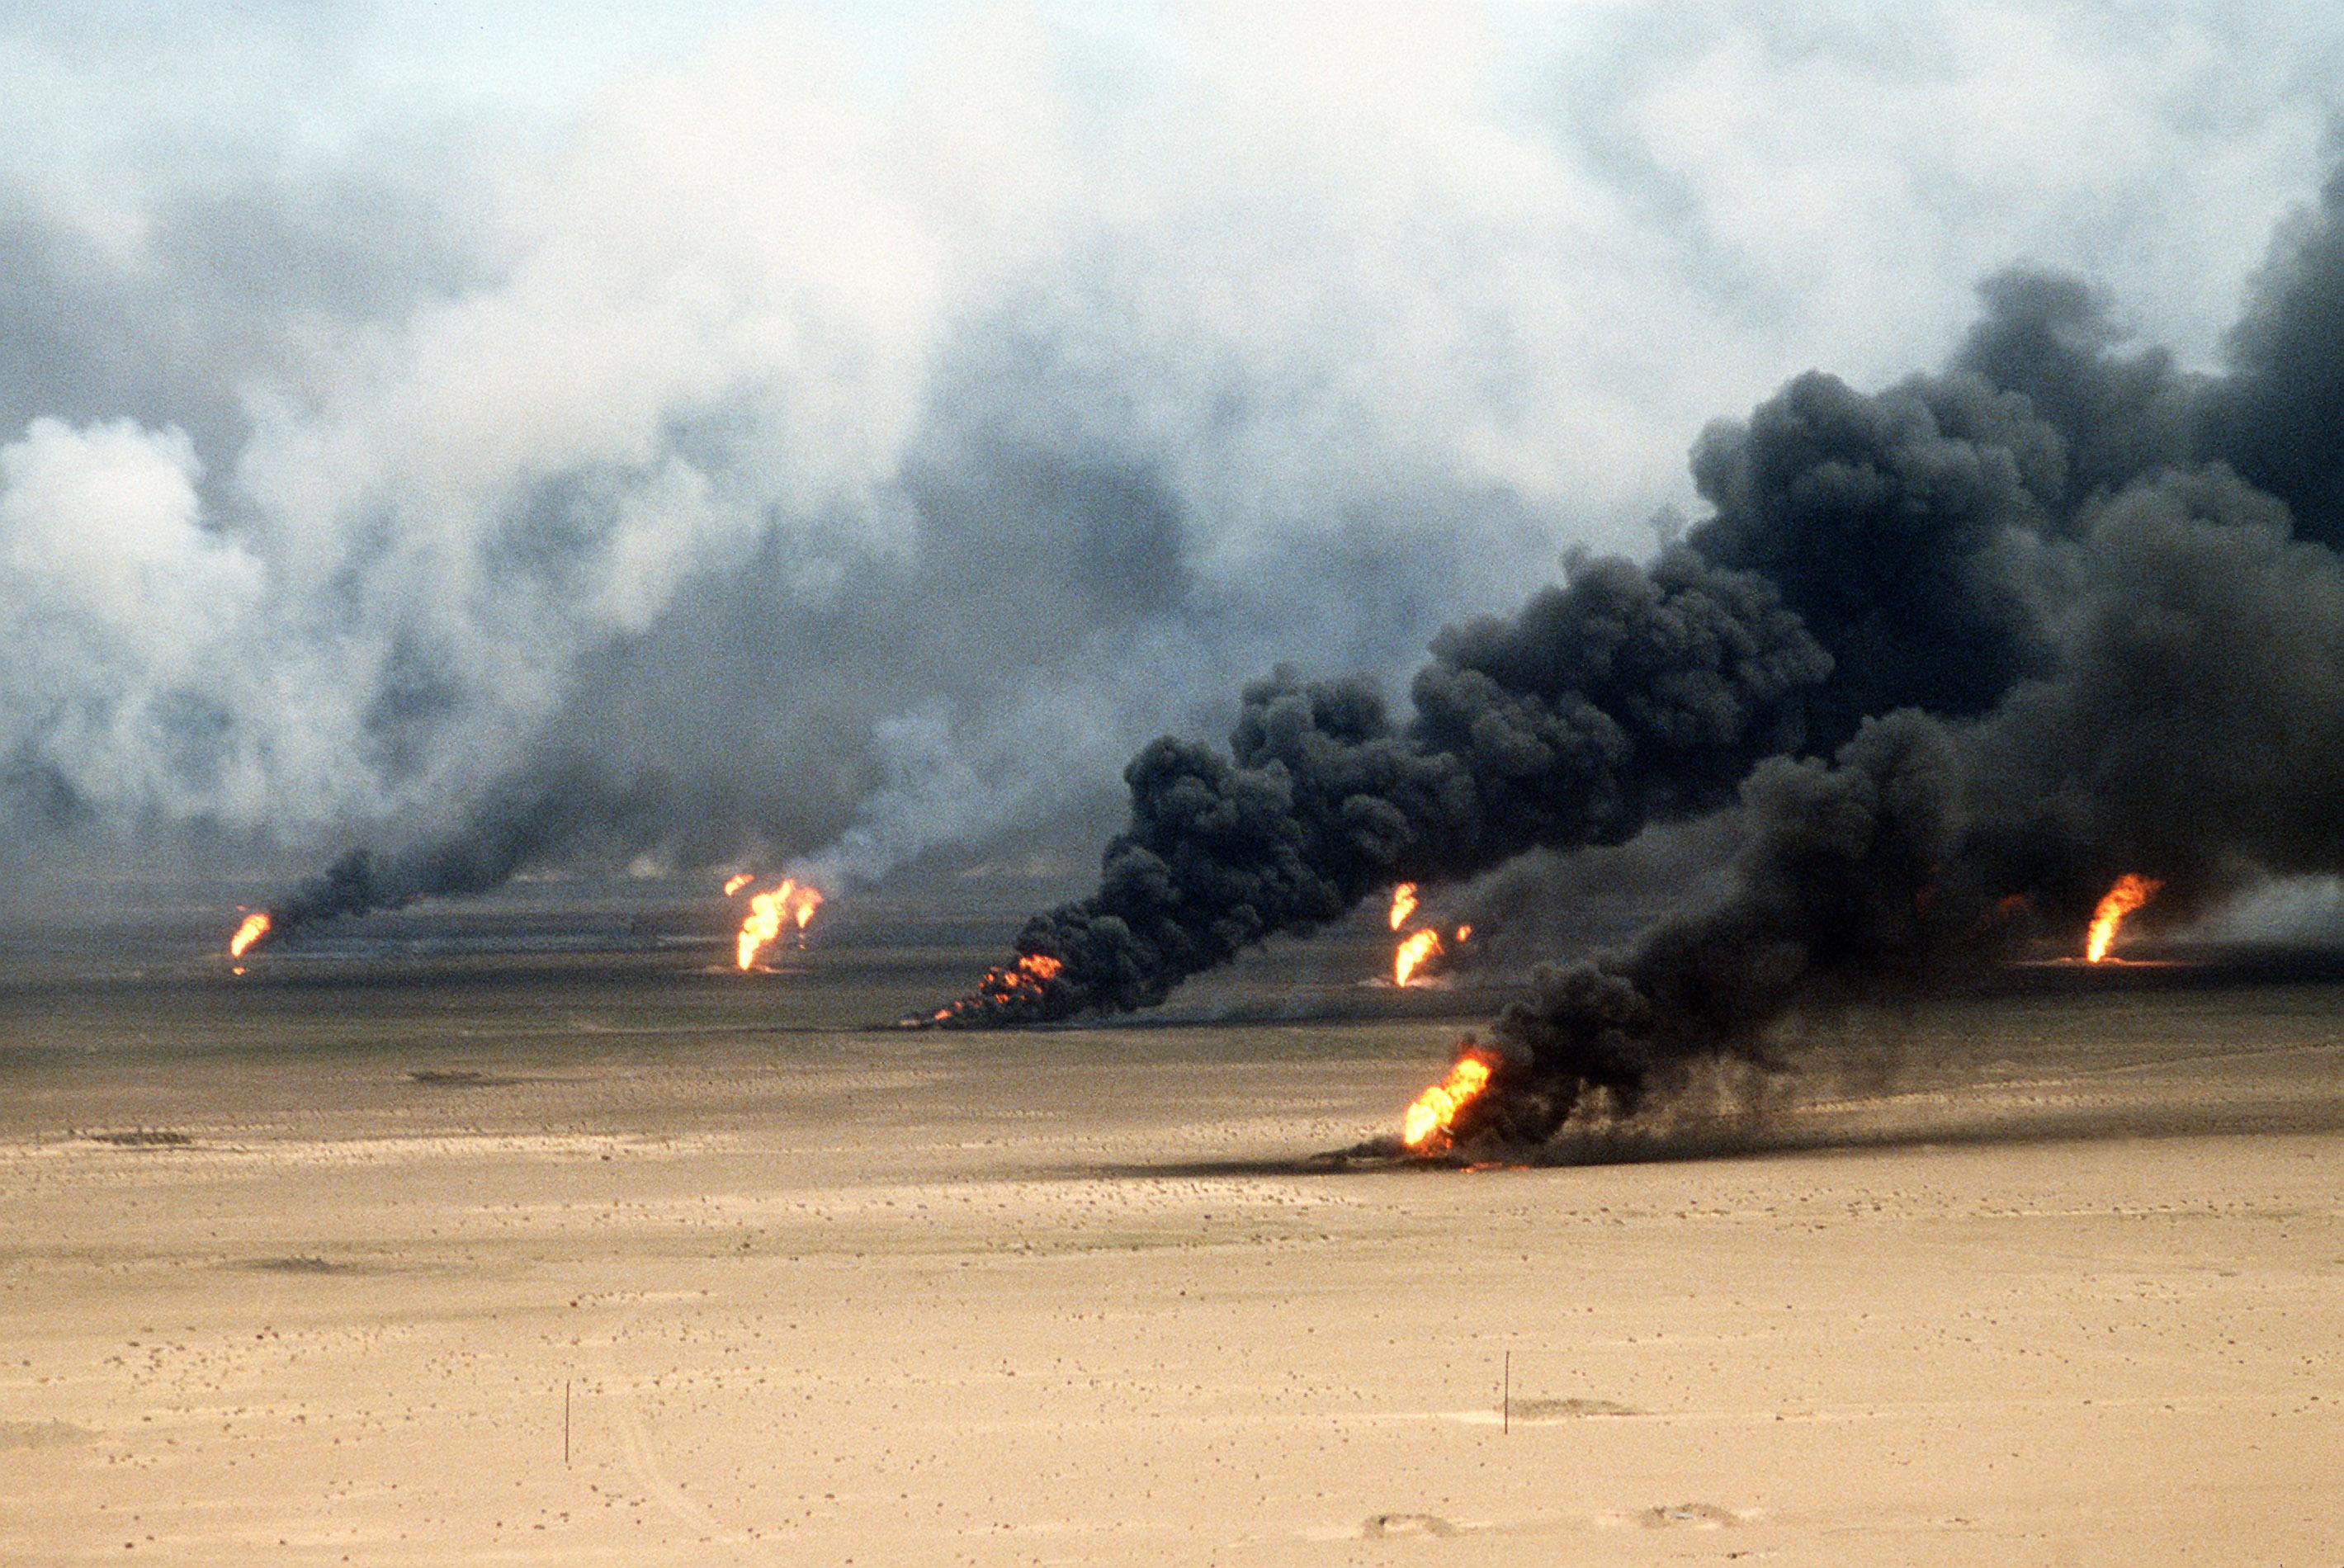 석유의 저주를 어떻게 끝낼 것인가